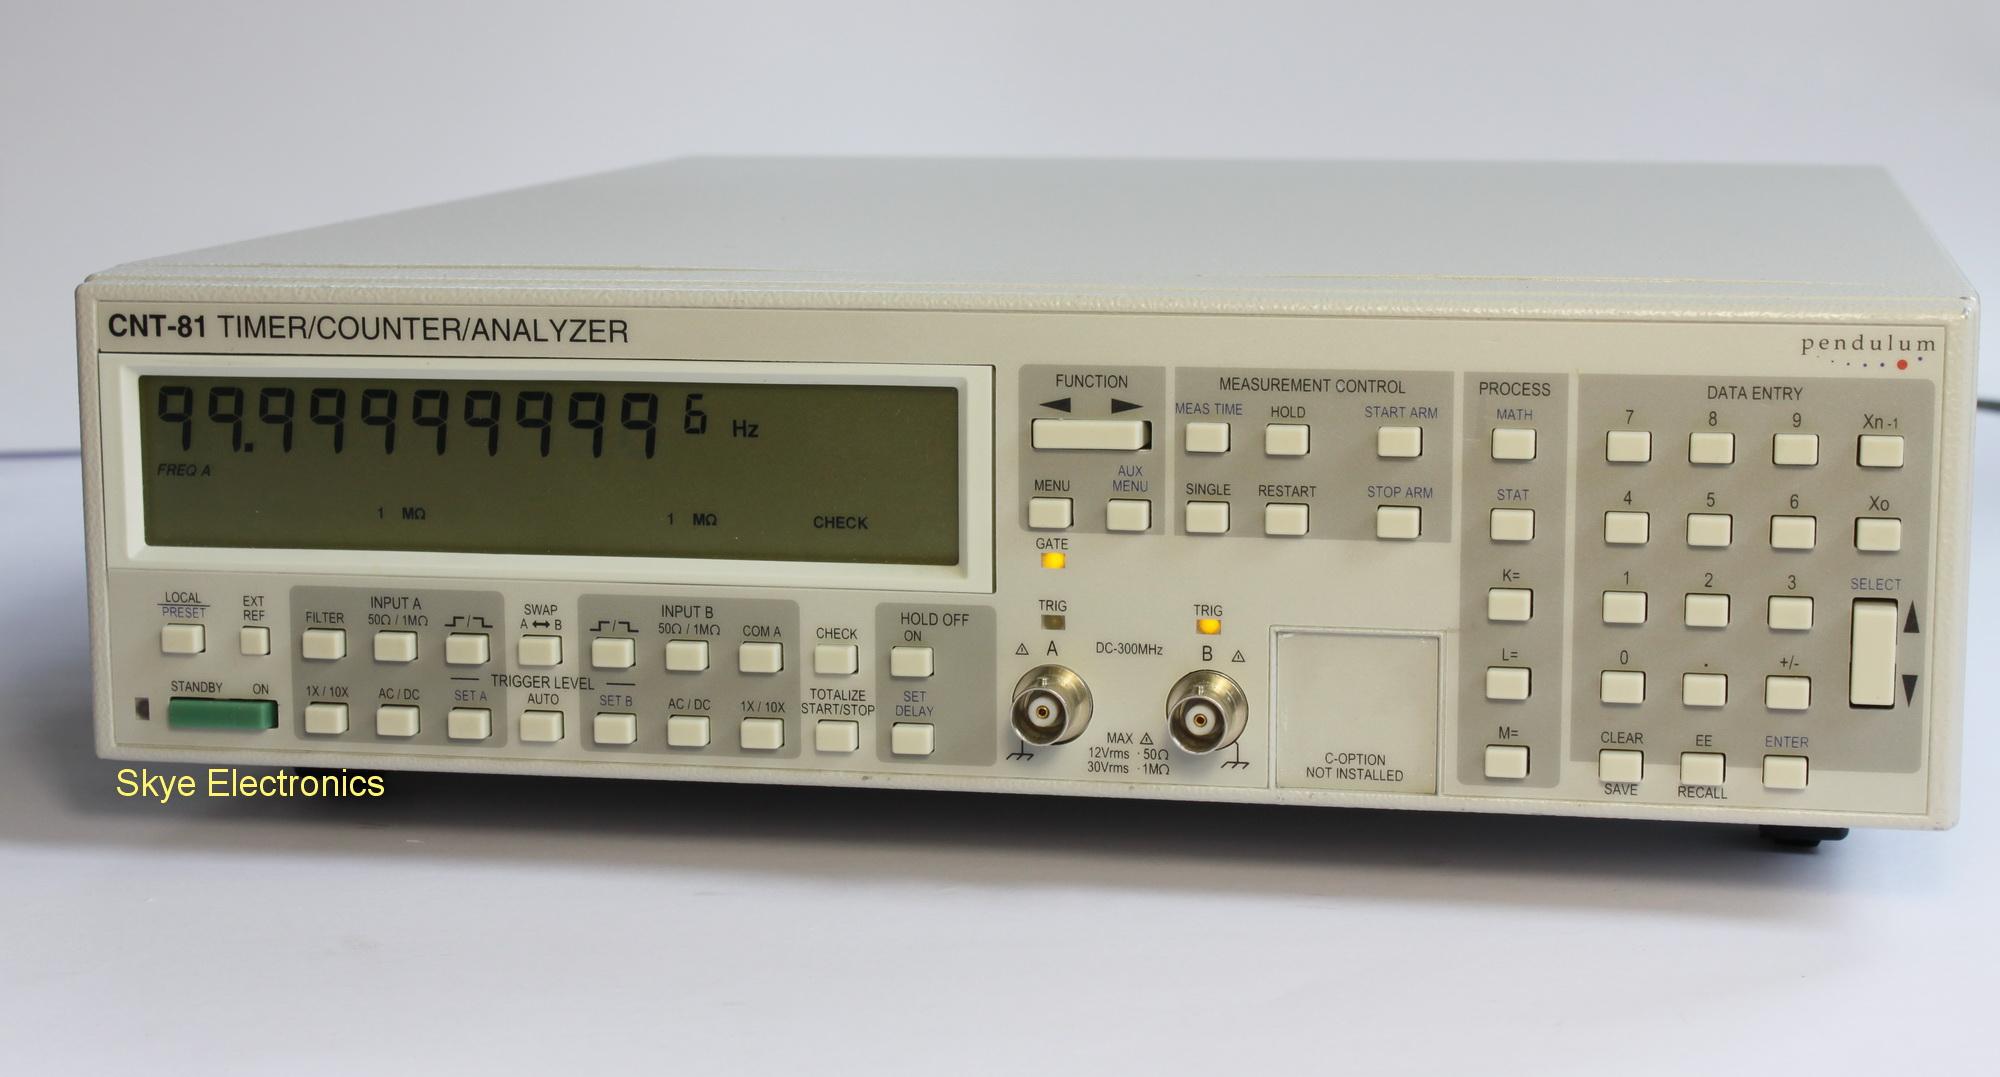 Pendulum CNT81-056 Skye Electronics